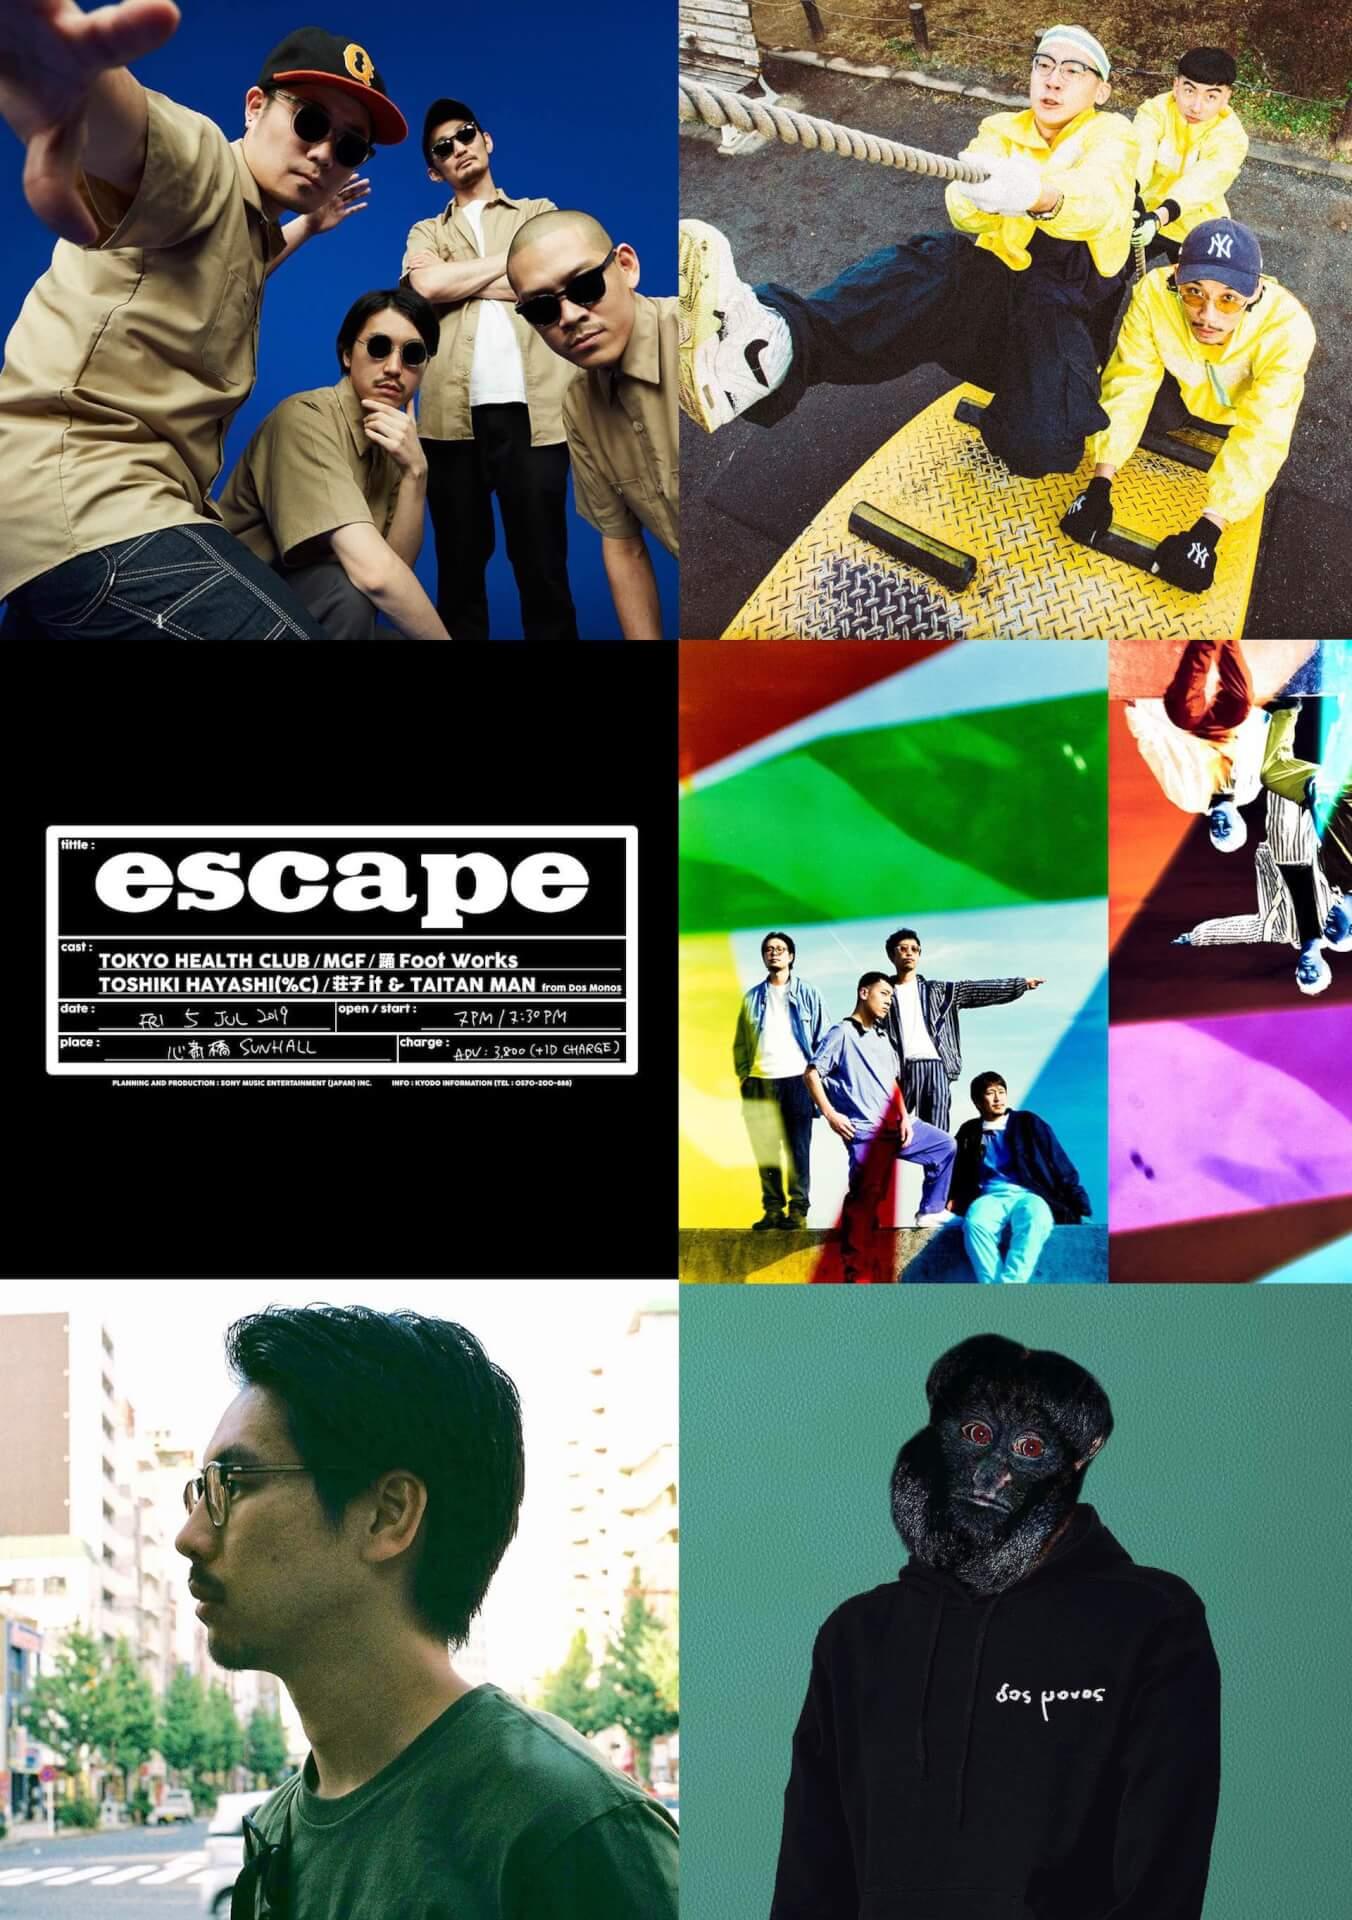 今年1月に満員御礼となったラップイベント『escape』が大阪初上陸|TOKYO HEALTH CLUB、MGF、TOSHIKI HAYASHI(%C)、荘子it & TITAN MAN from Dos Monosが登場 music190627-escape-1